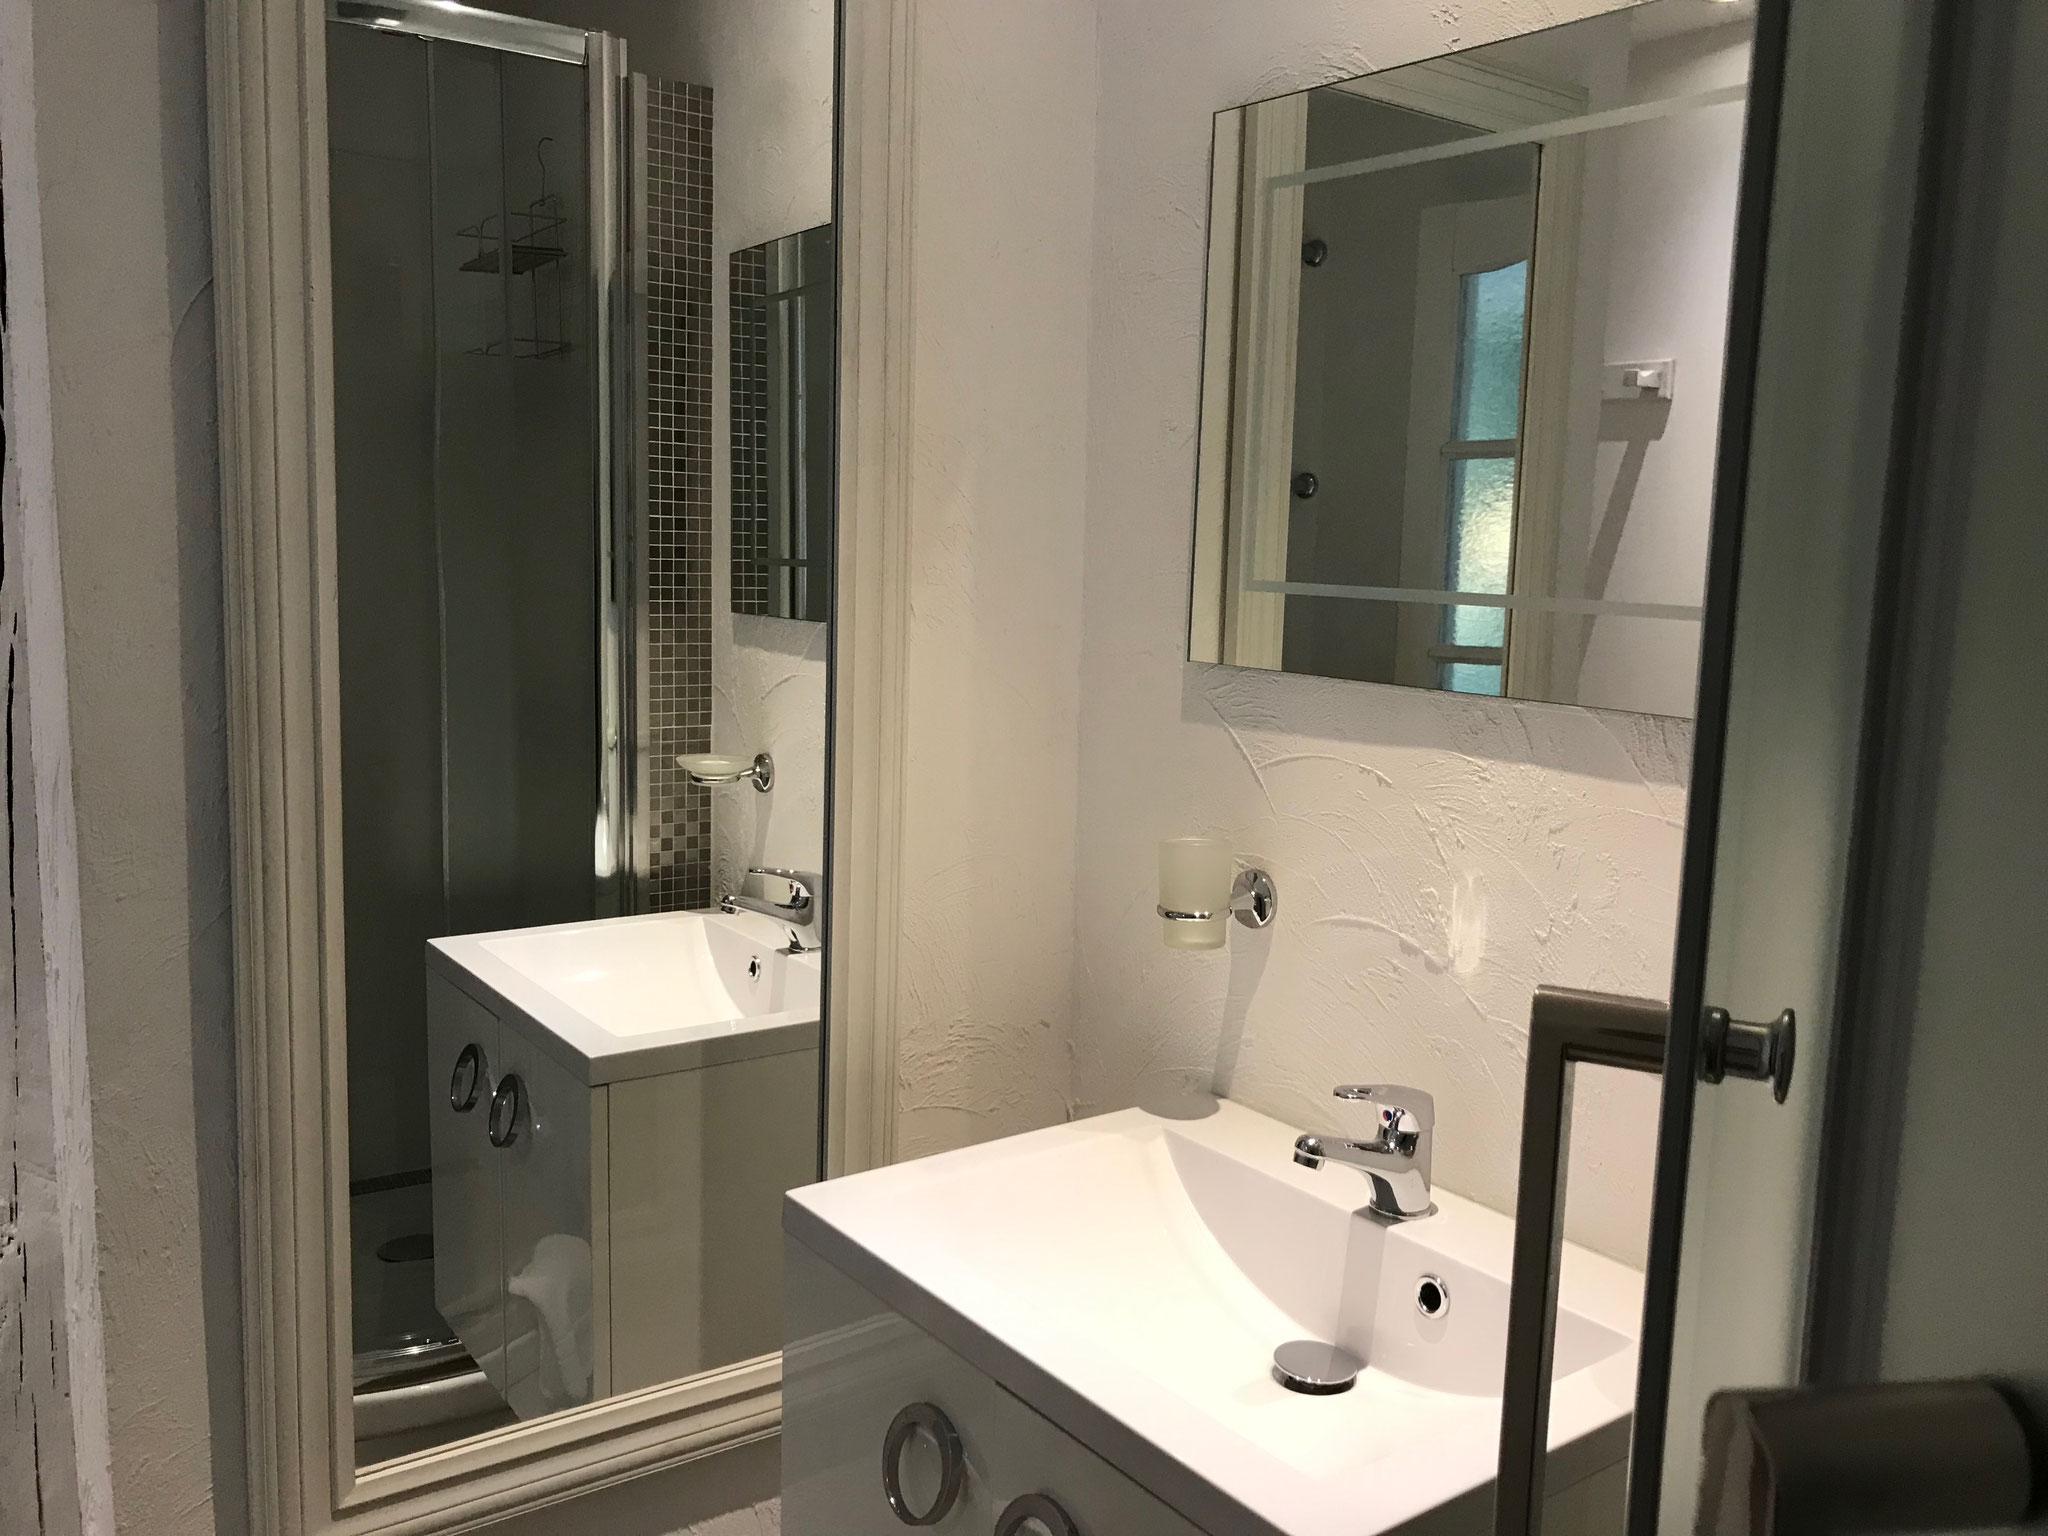 douche, lavabo, wc, sèche-cheveux